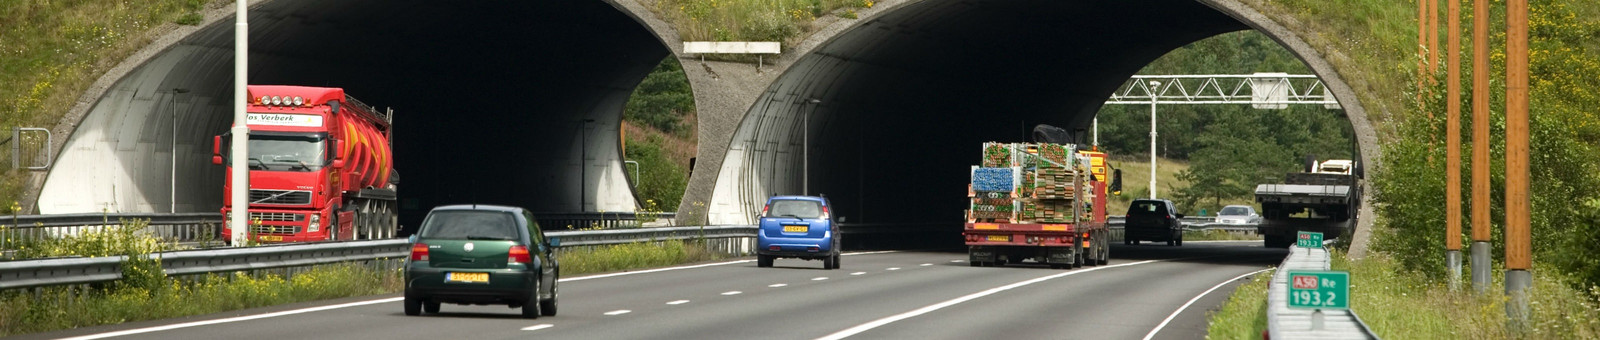 De snelweg A50 tussen Ravenstein en Paalgraven is van woensdag op donderdag afgesloten.